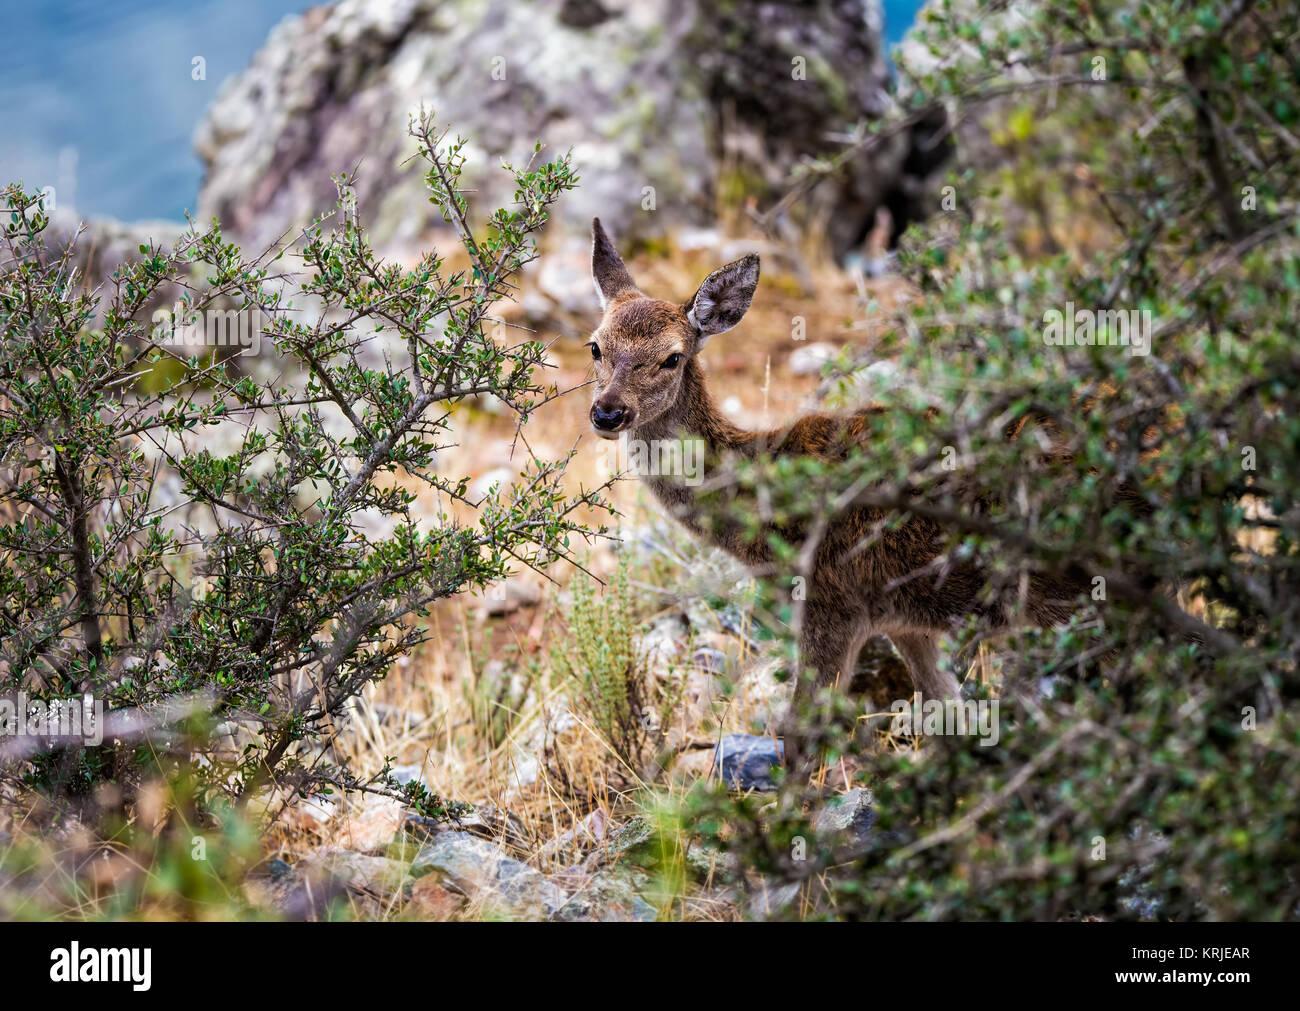 Pequeño cervatillo fotografiado en el Parque Nacional de Monfragüe. España. Imagen De Stock